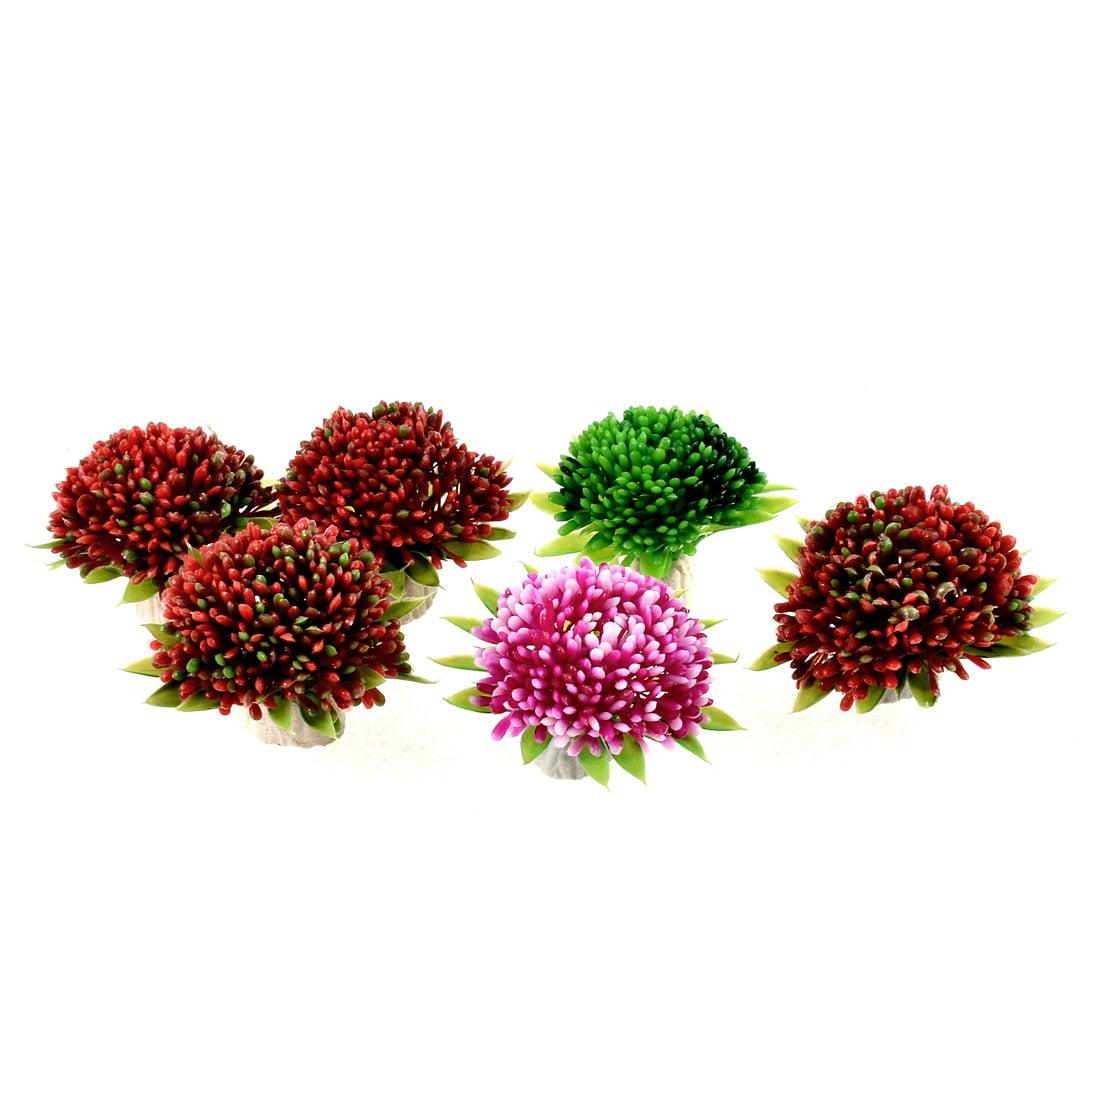 Aquarium Artificial Aquatic Plastic Plants Green Yellow Red 4.5cm High 6 Pcs